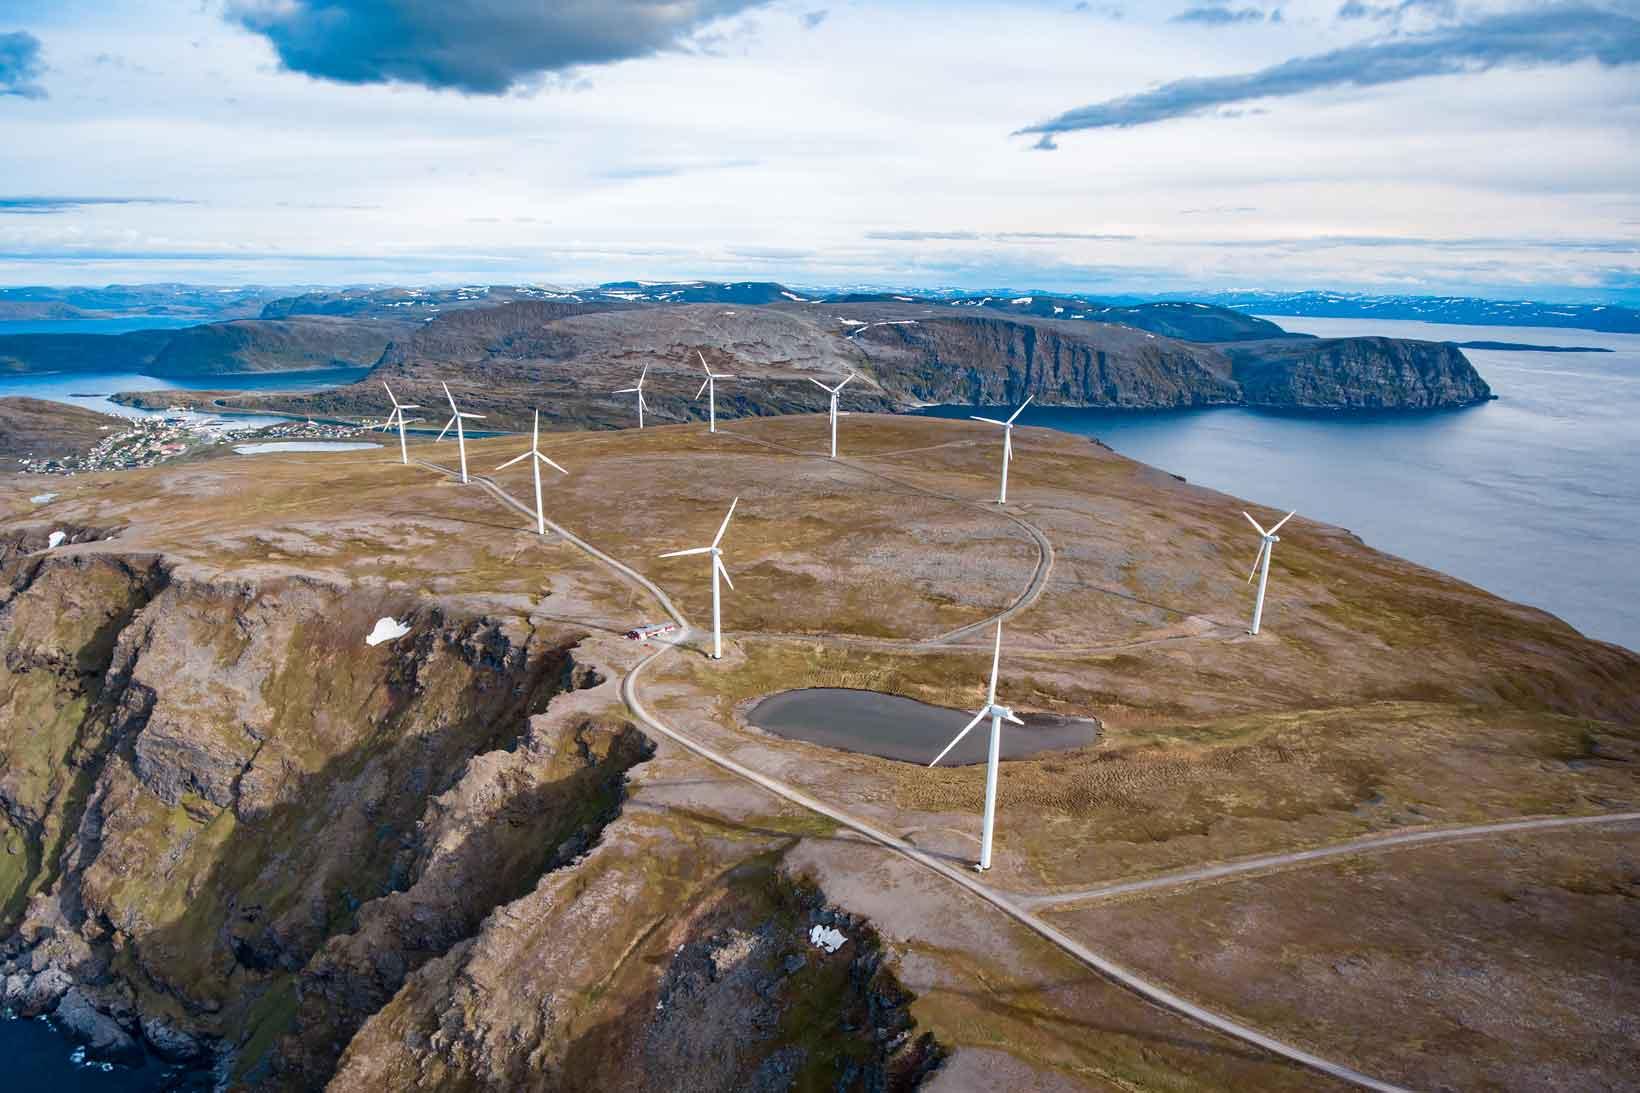 Windmills at Havoysund, Northern Norway